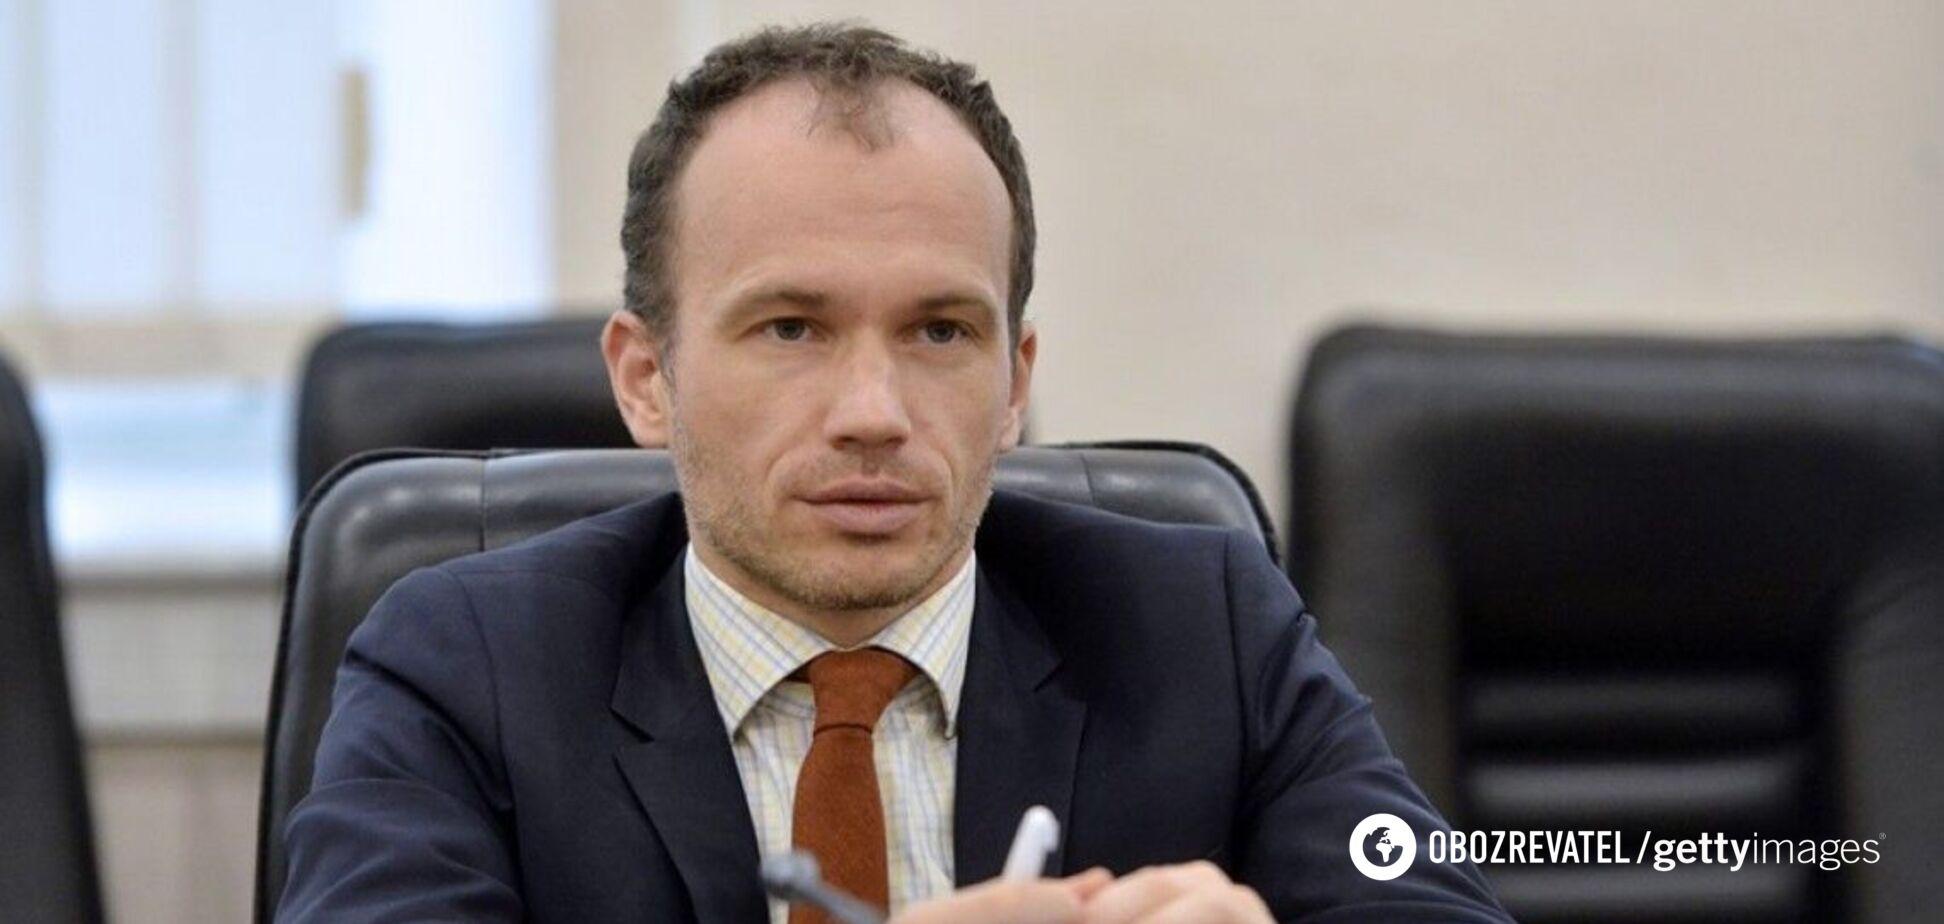 Малюська: олигарх попадет в тюрьму, никто не придет на его день рождения